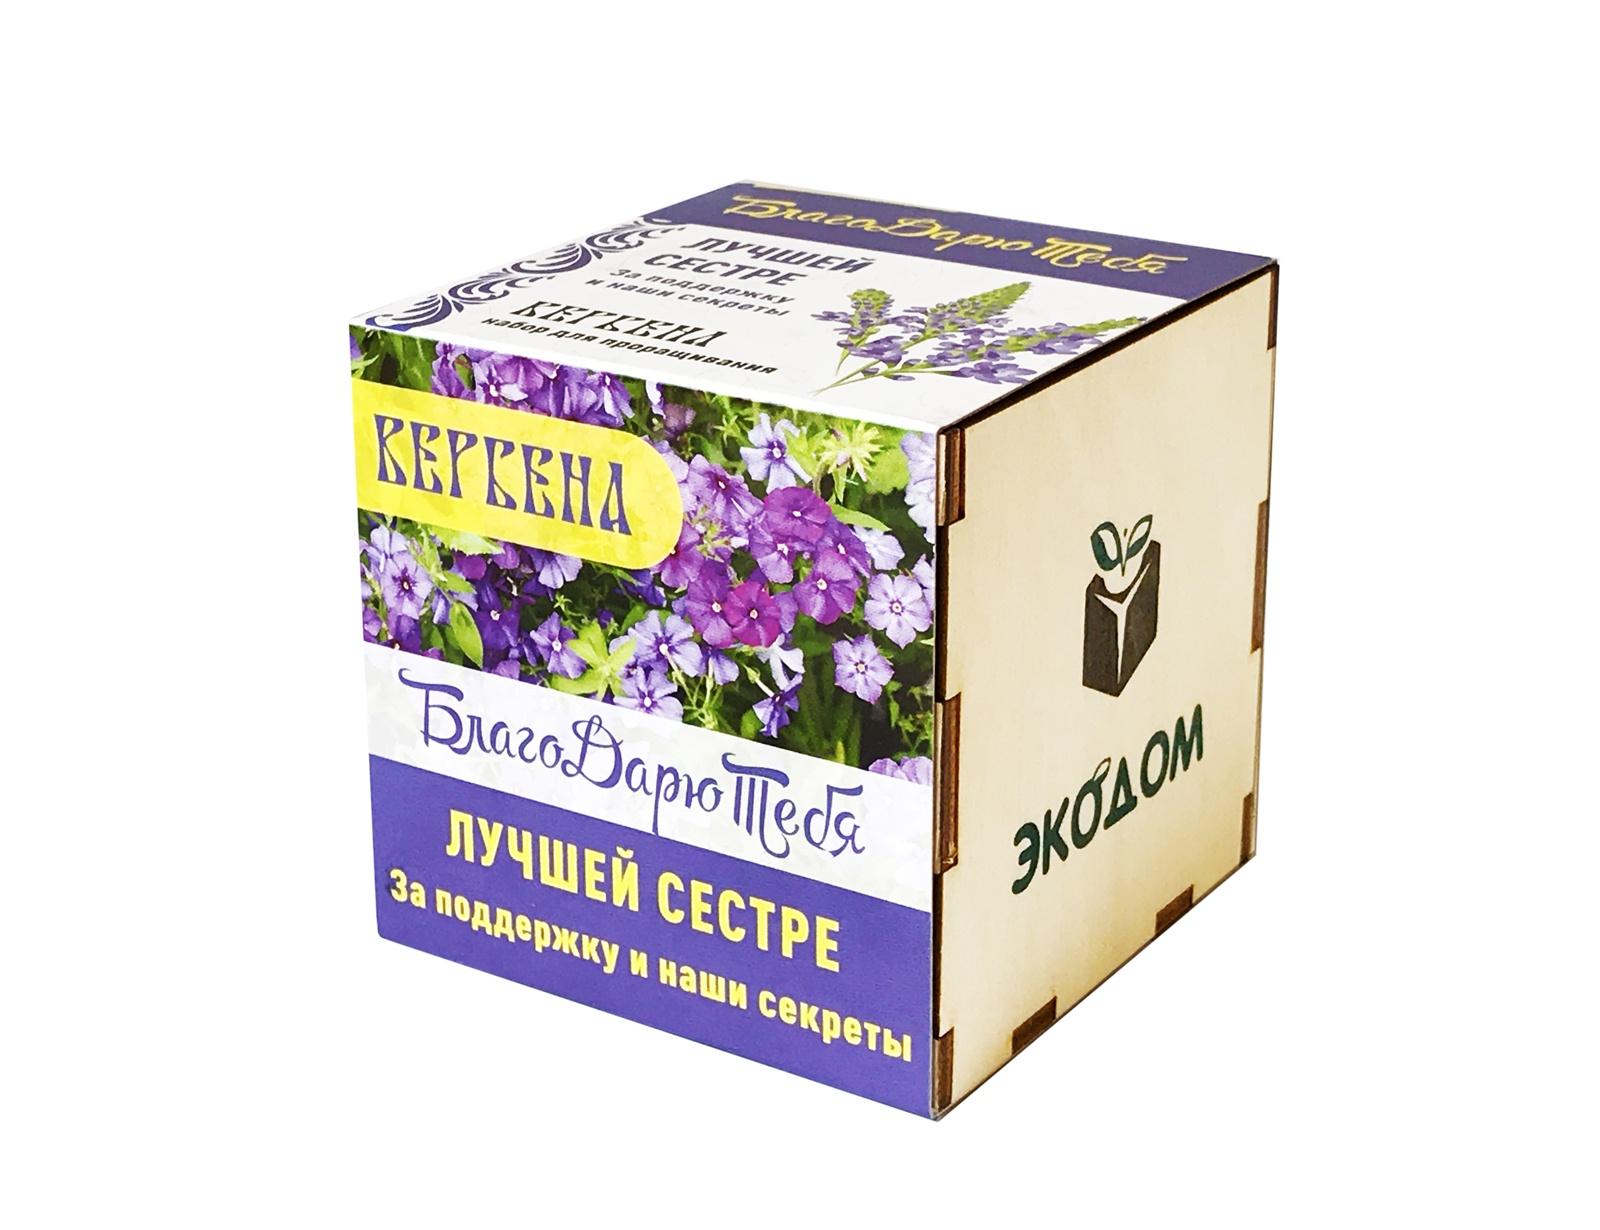 Купить Подарочный набор для выращивания в кубике